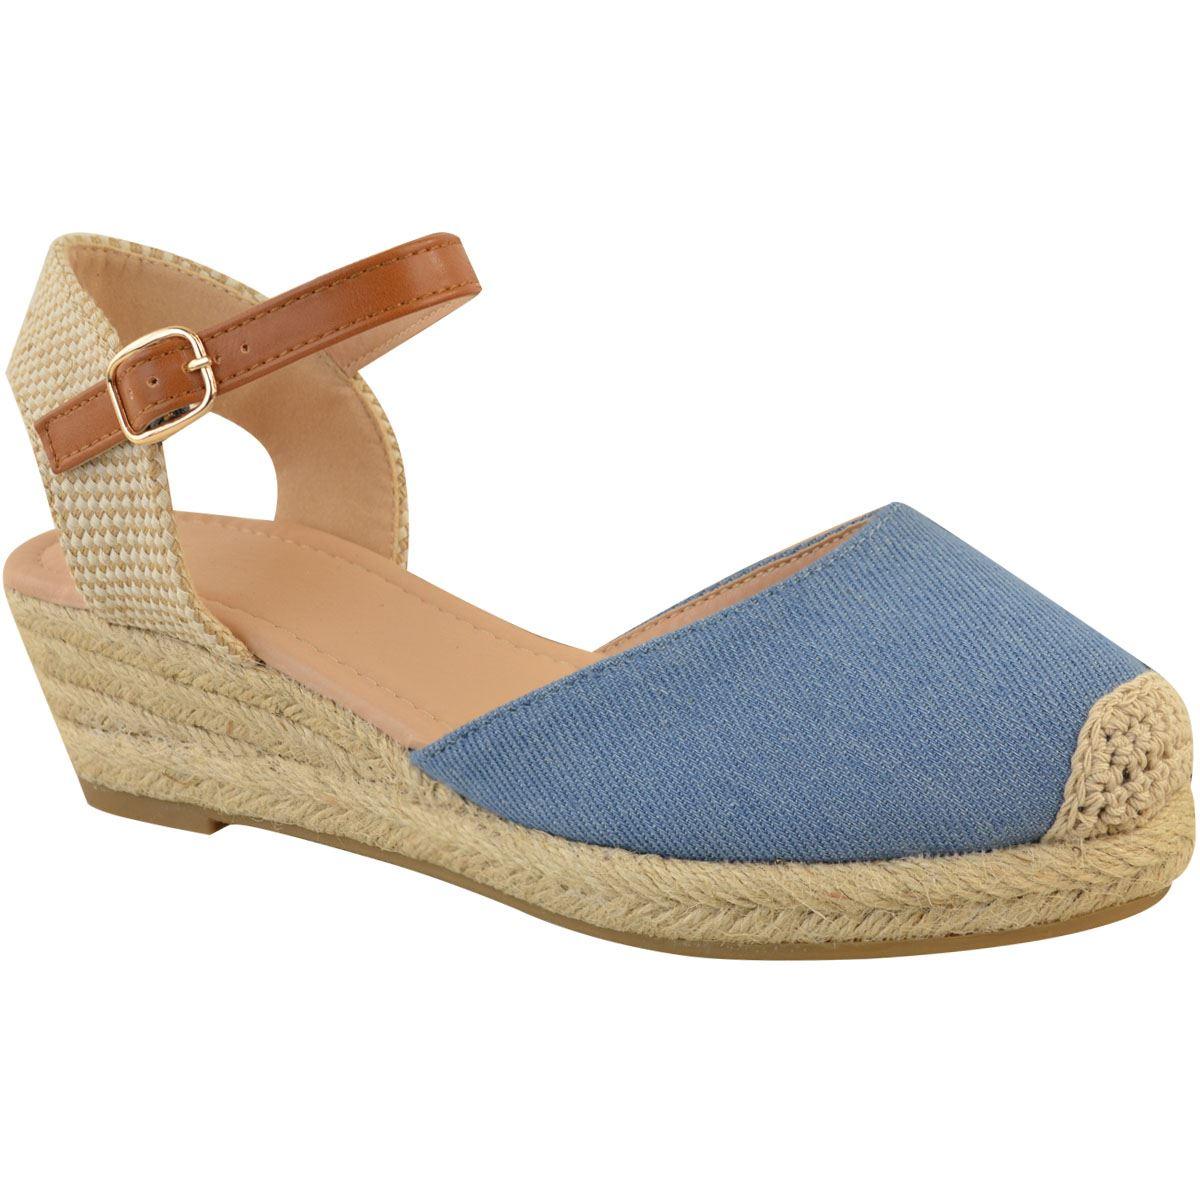 Womens Ladies Low Heel Wedge Espadrilles Summer Sandals ...